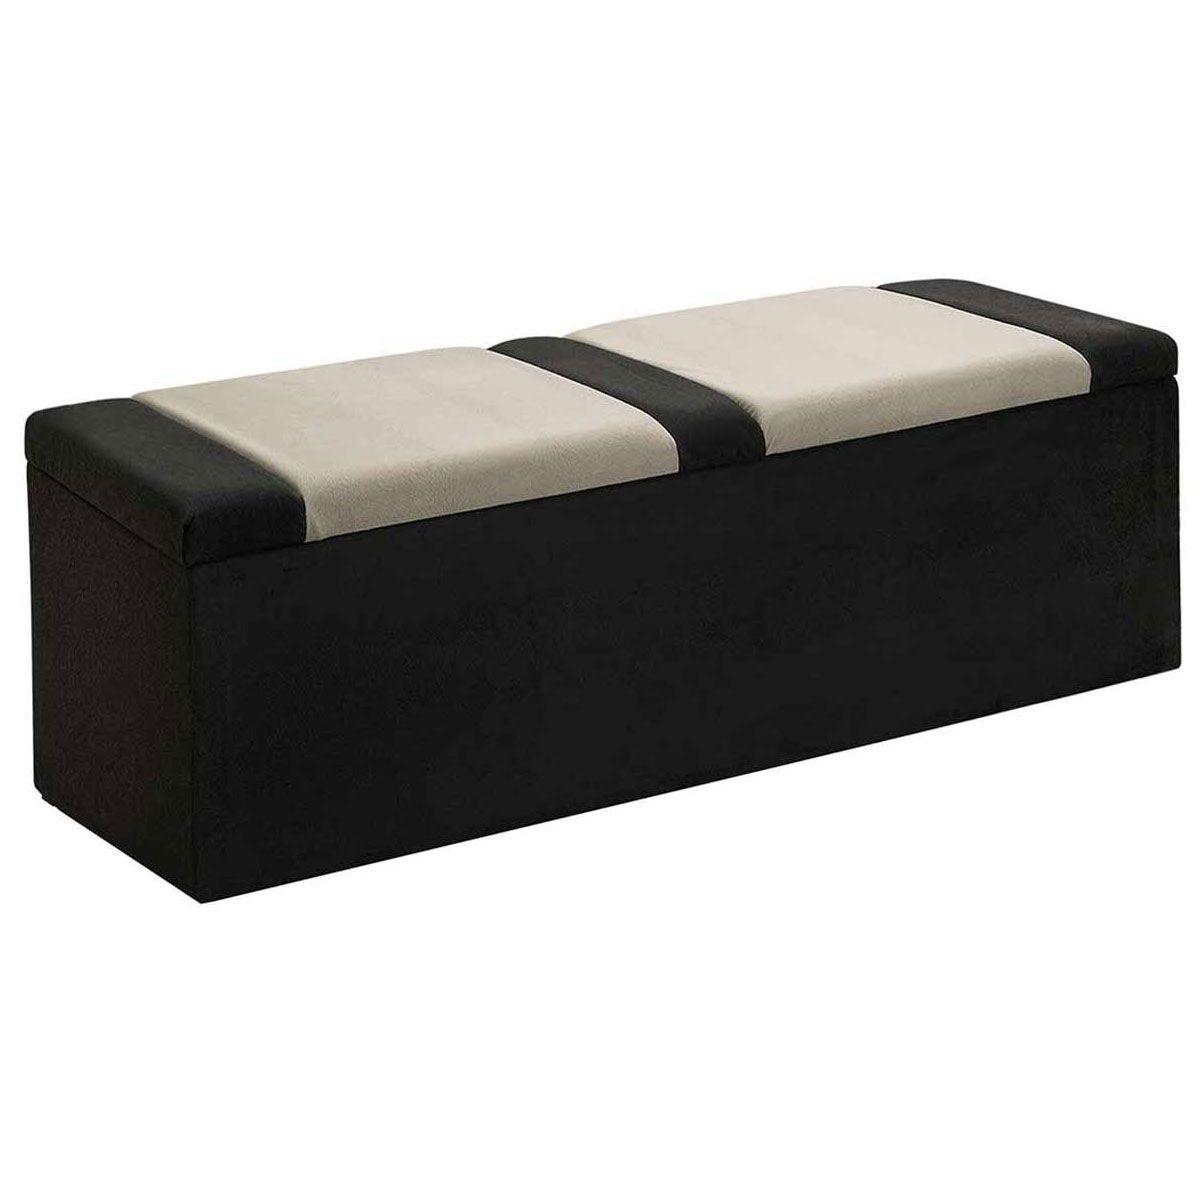 Calçadeira com Baú Estofada Barcelona 90 cm Preto/Bege